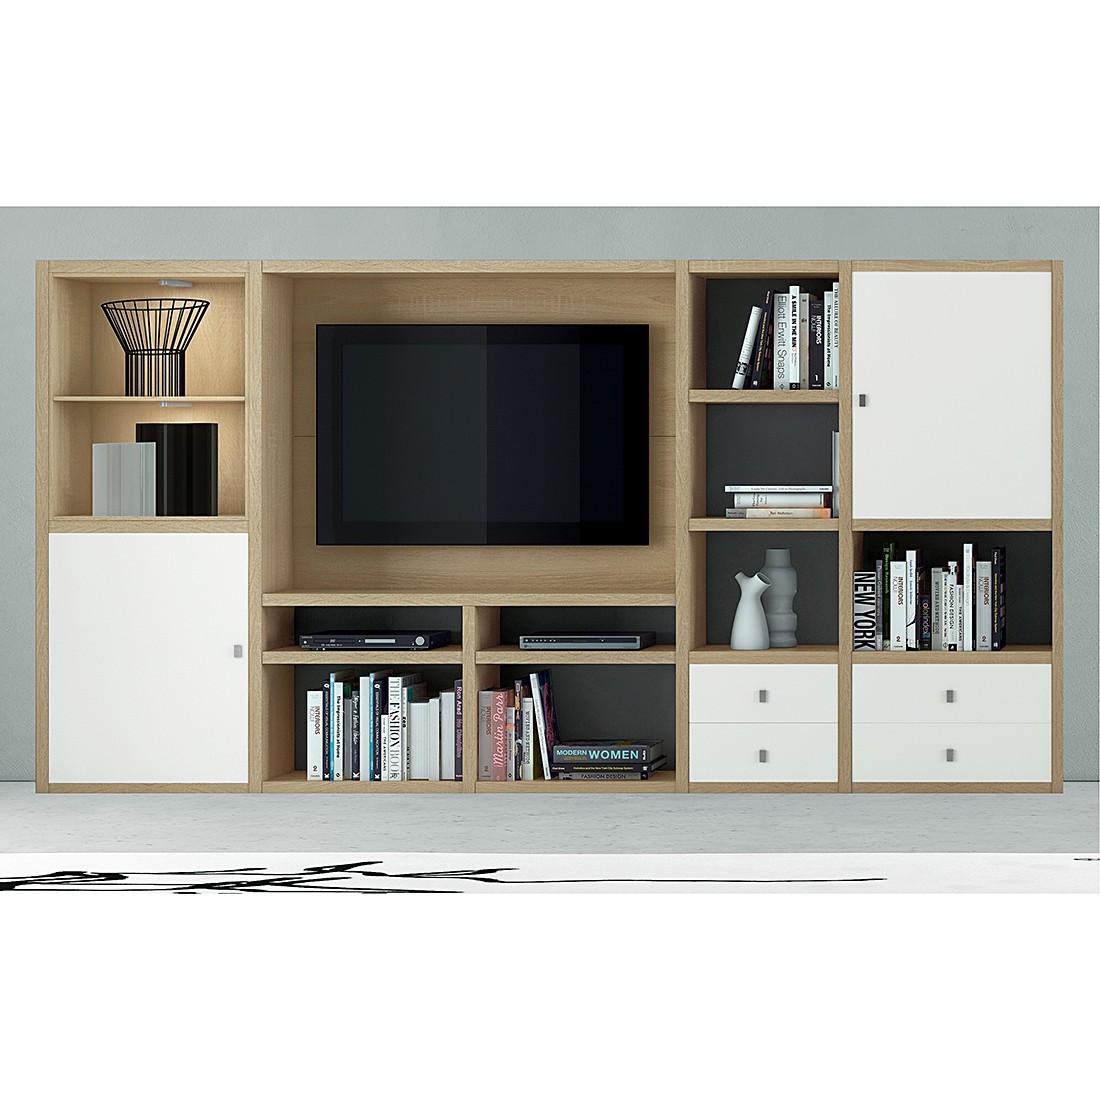 EEK A+, TV-Wand Emporior I - inkl. Beleuchtung - Weiß / Eiche Dekor, loftscape